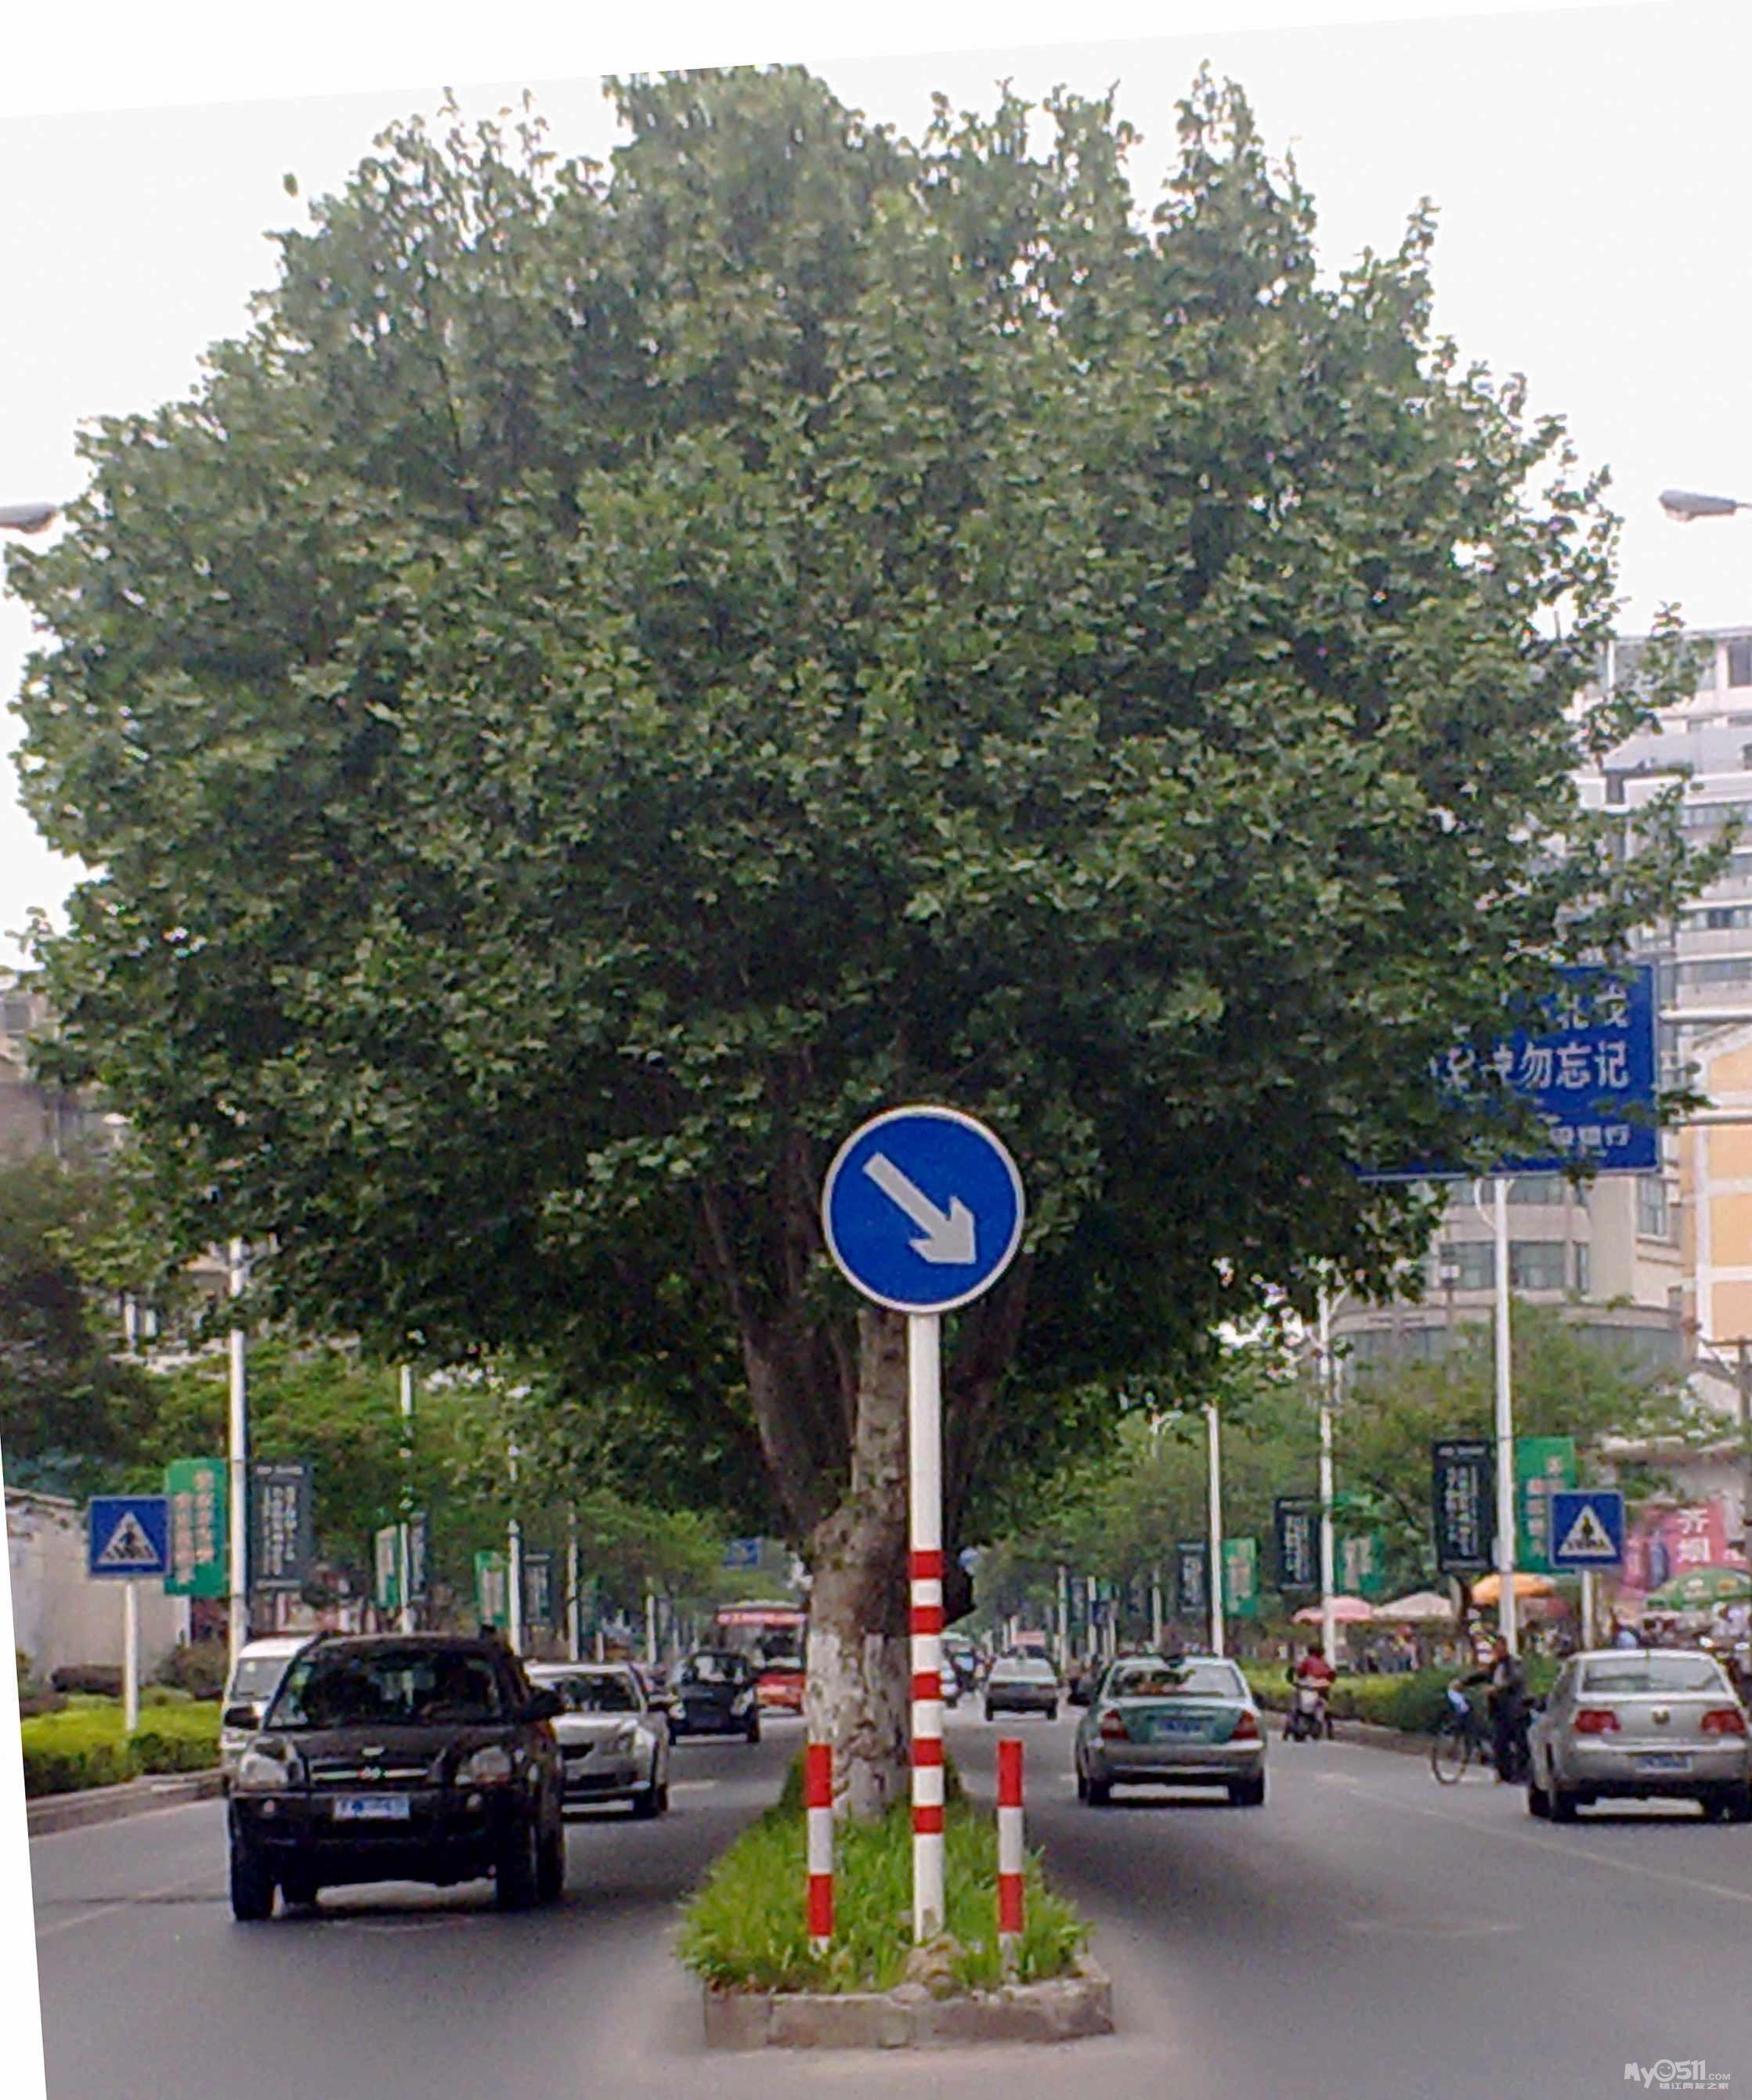 电子制造 quote: 原帖由  ybb163 于 13-5-11 23:52 发表  树都丑死